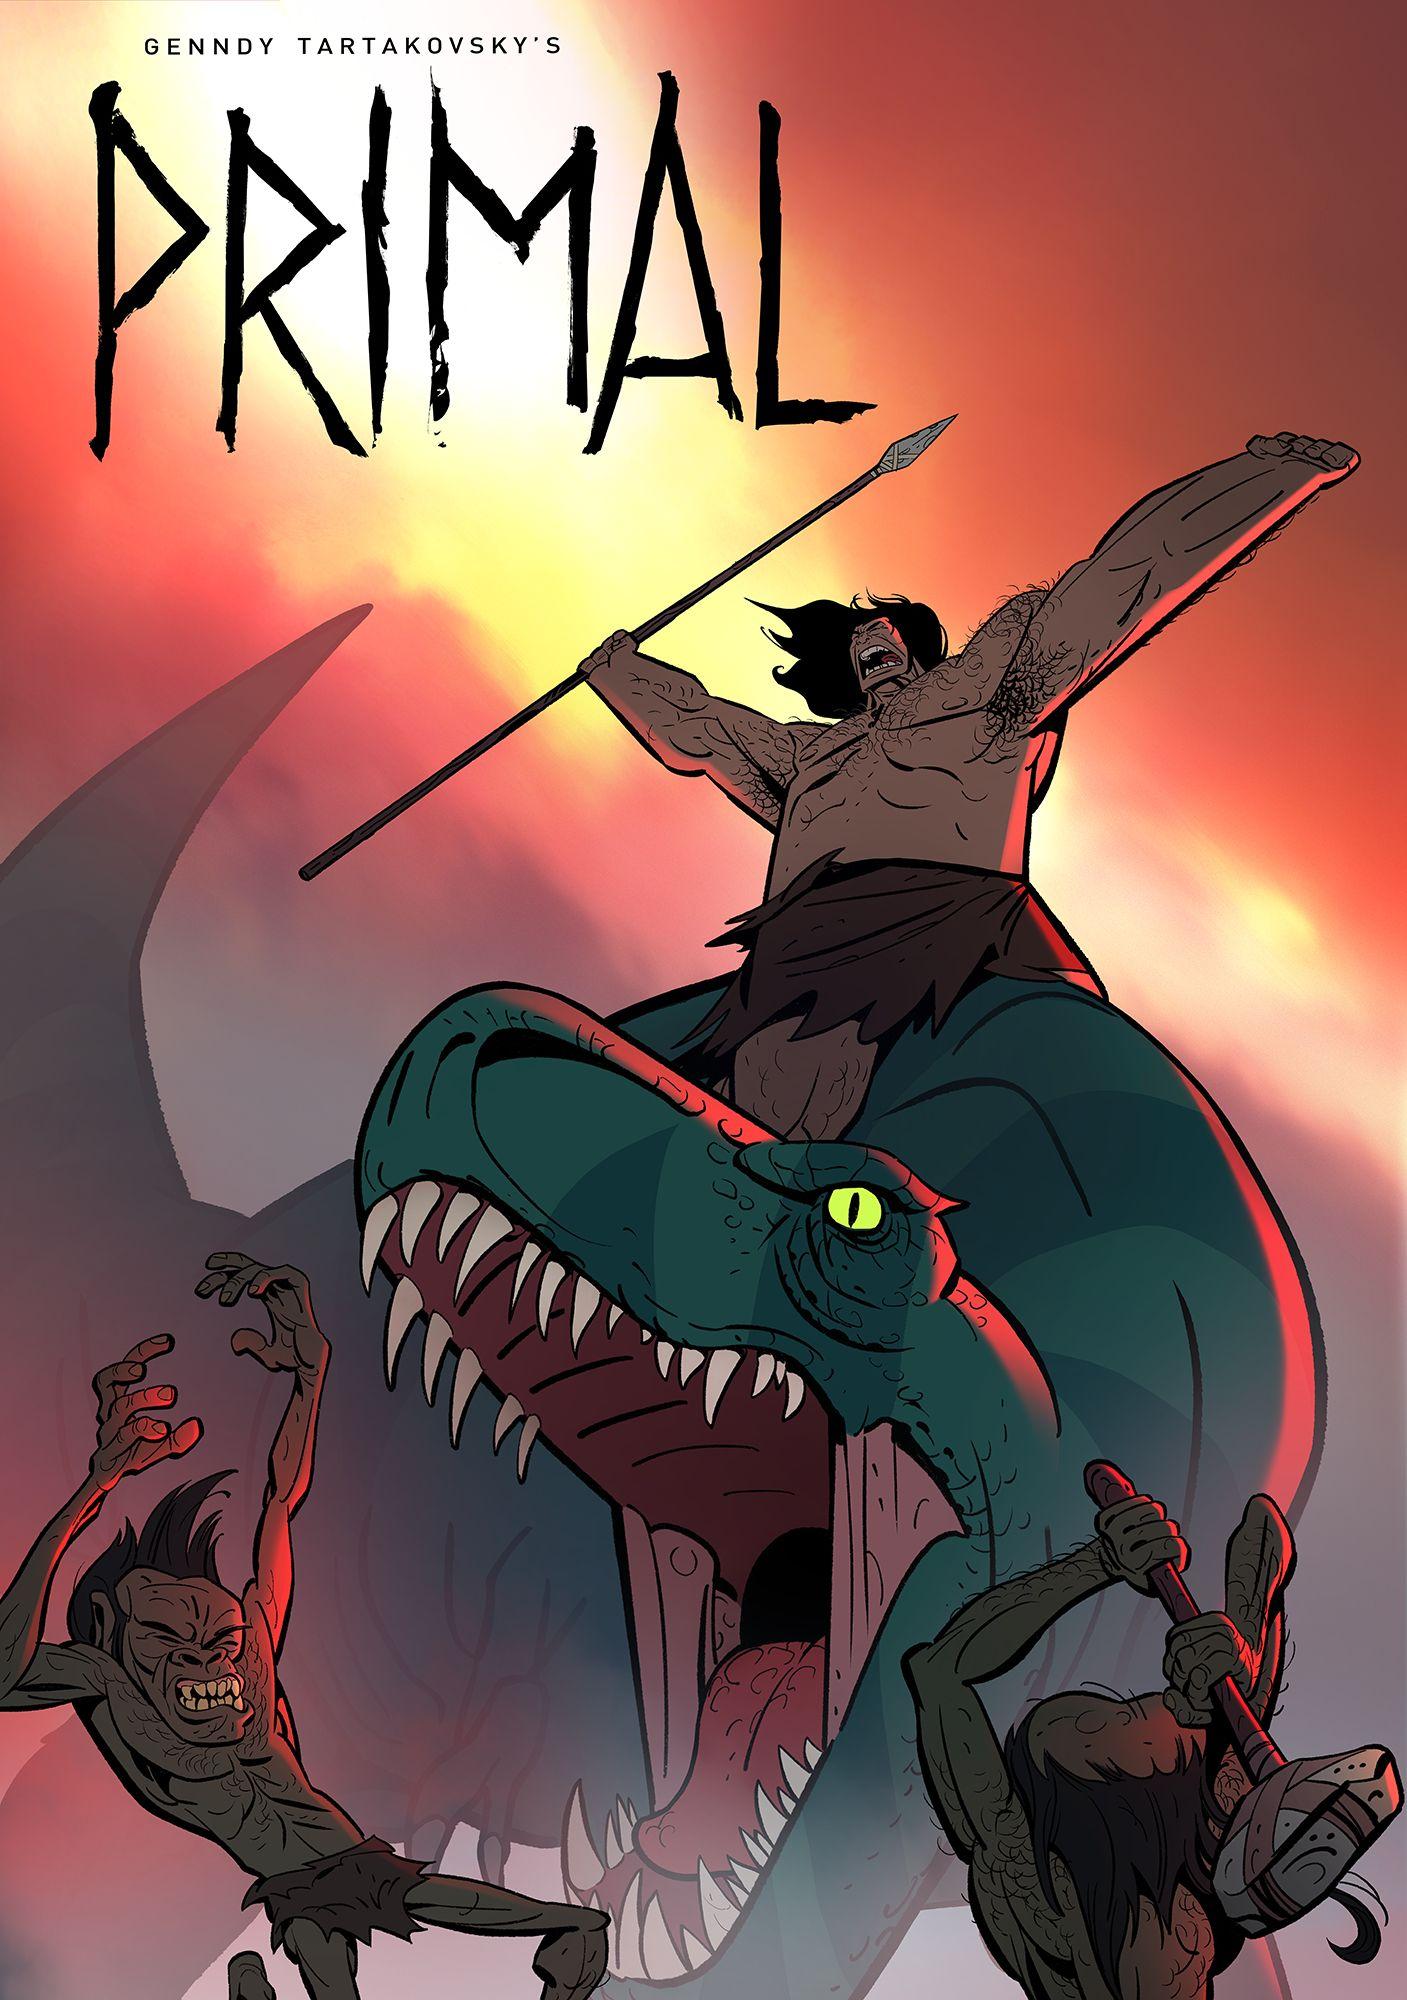 Primal (marketed as Genndy Tartakovsky's Primal) is an